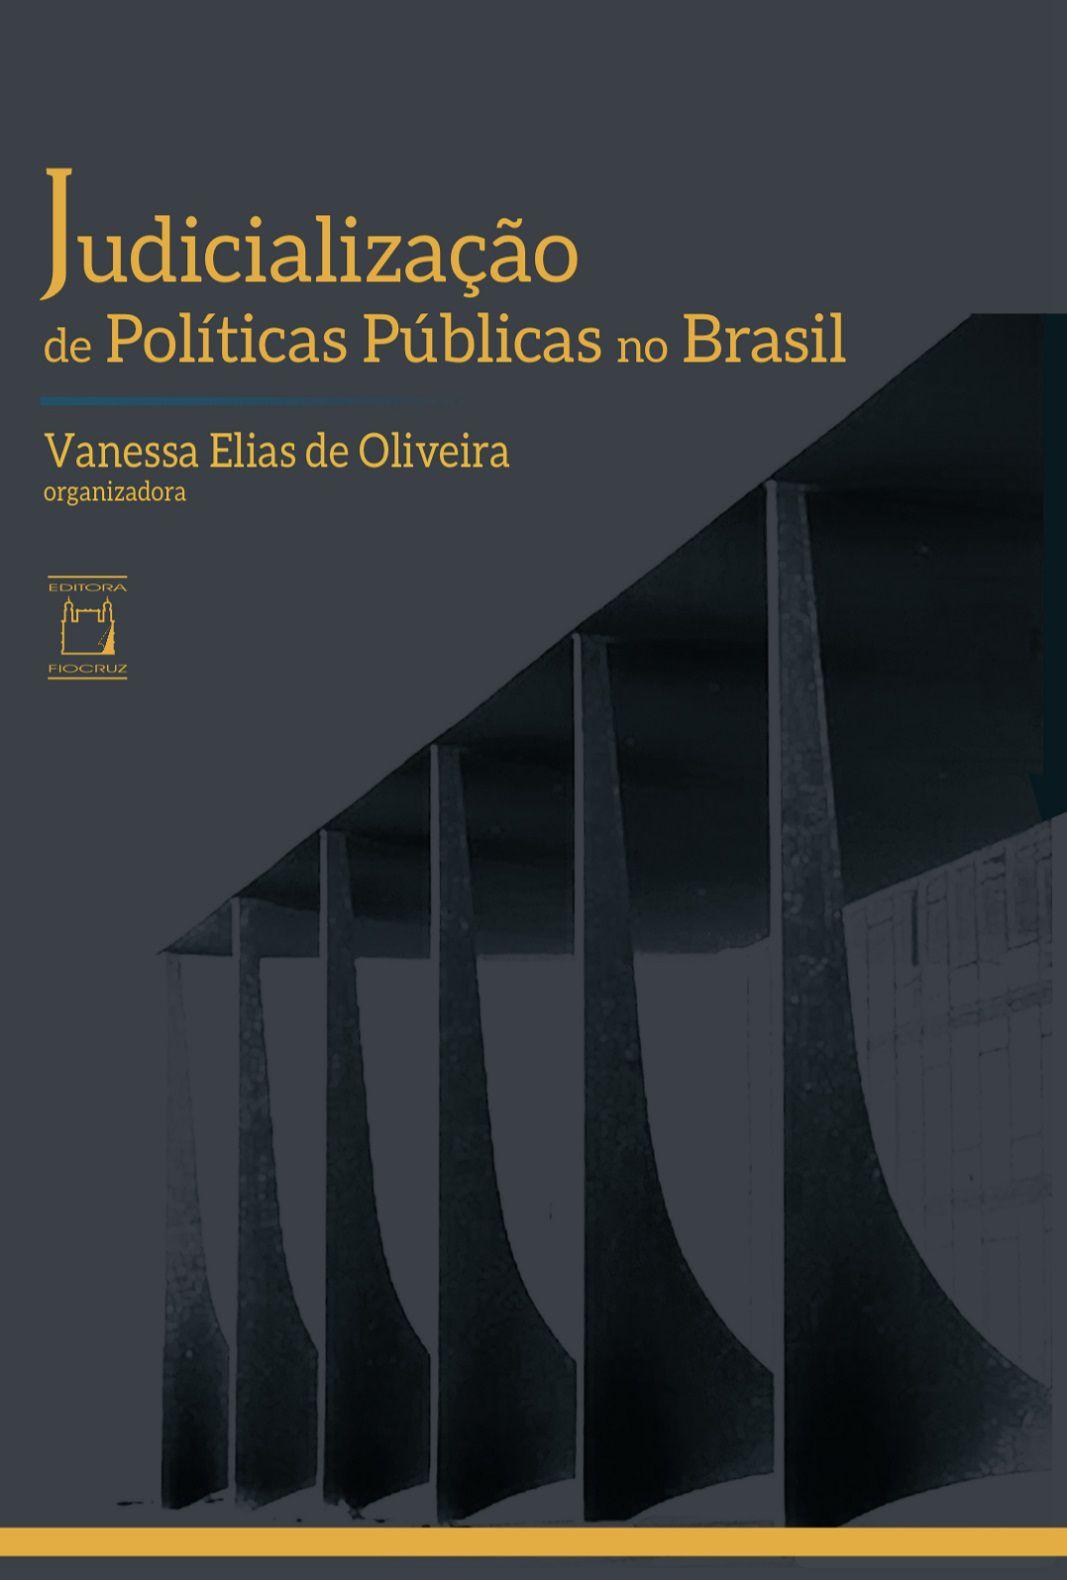 Judicialização de Políticas Públicas no Brasil  - Livraria Virtual da Editora Fiocruz